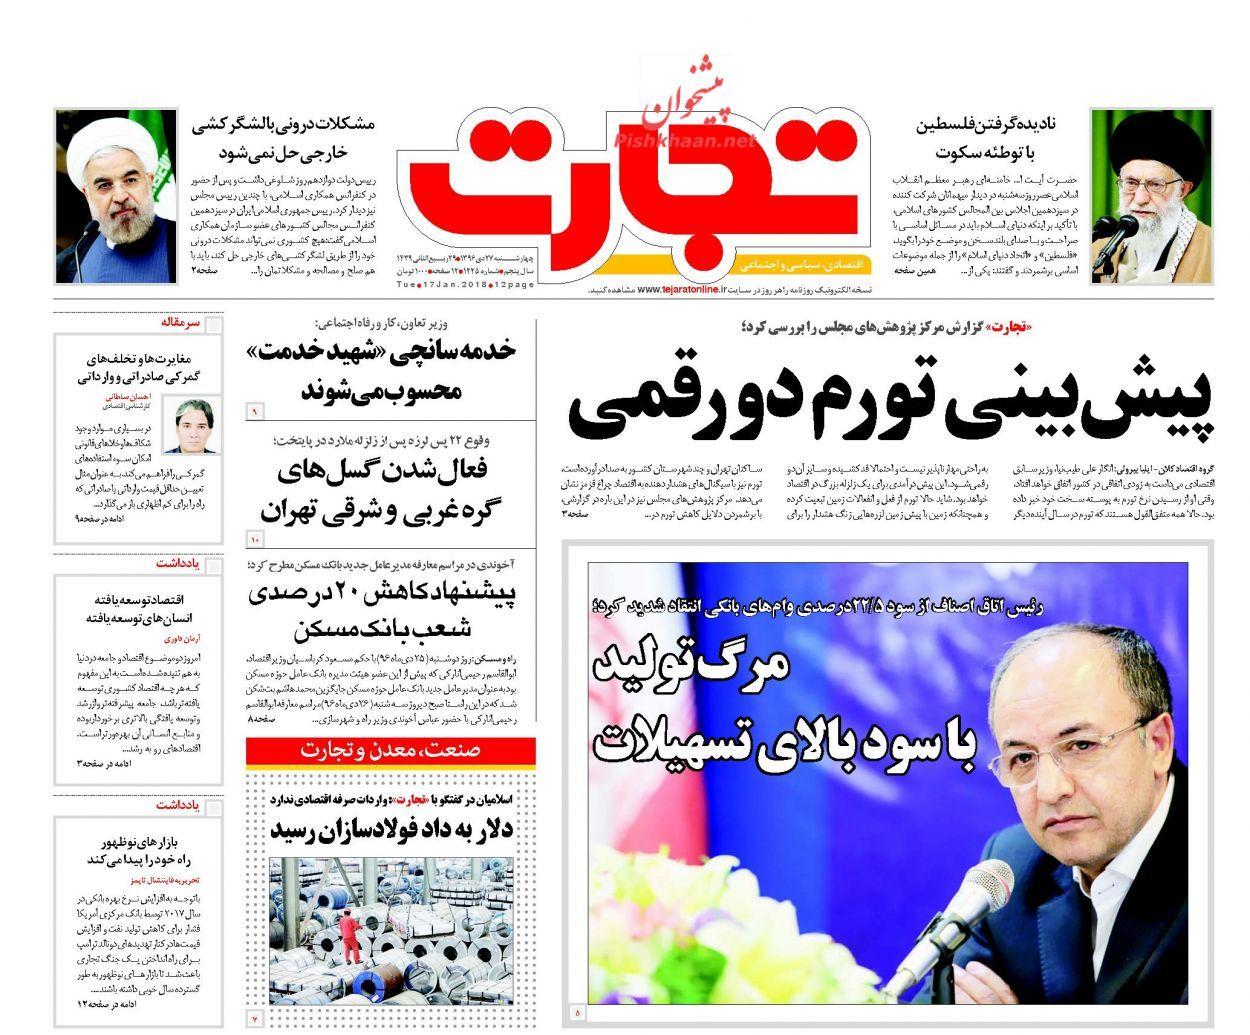 روزنامههای اقتصادی چهارشنبه ۲۷ دیماه ۹۶